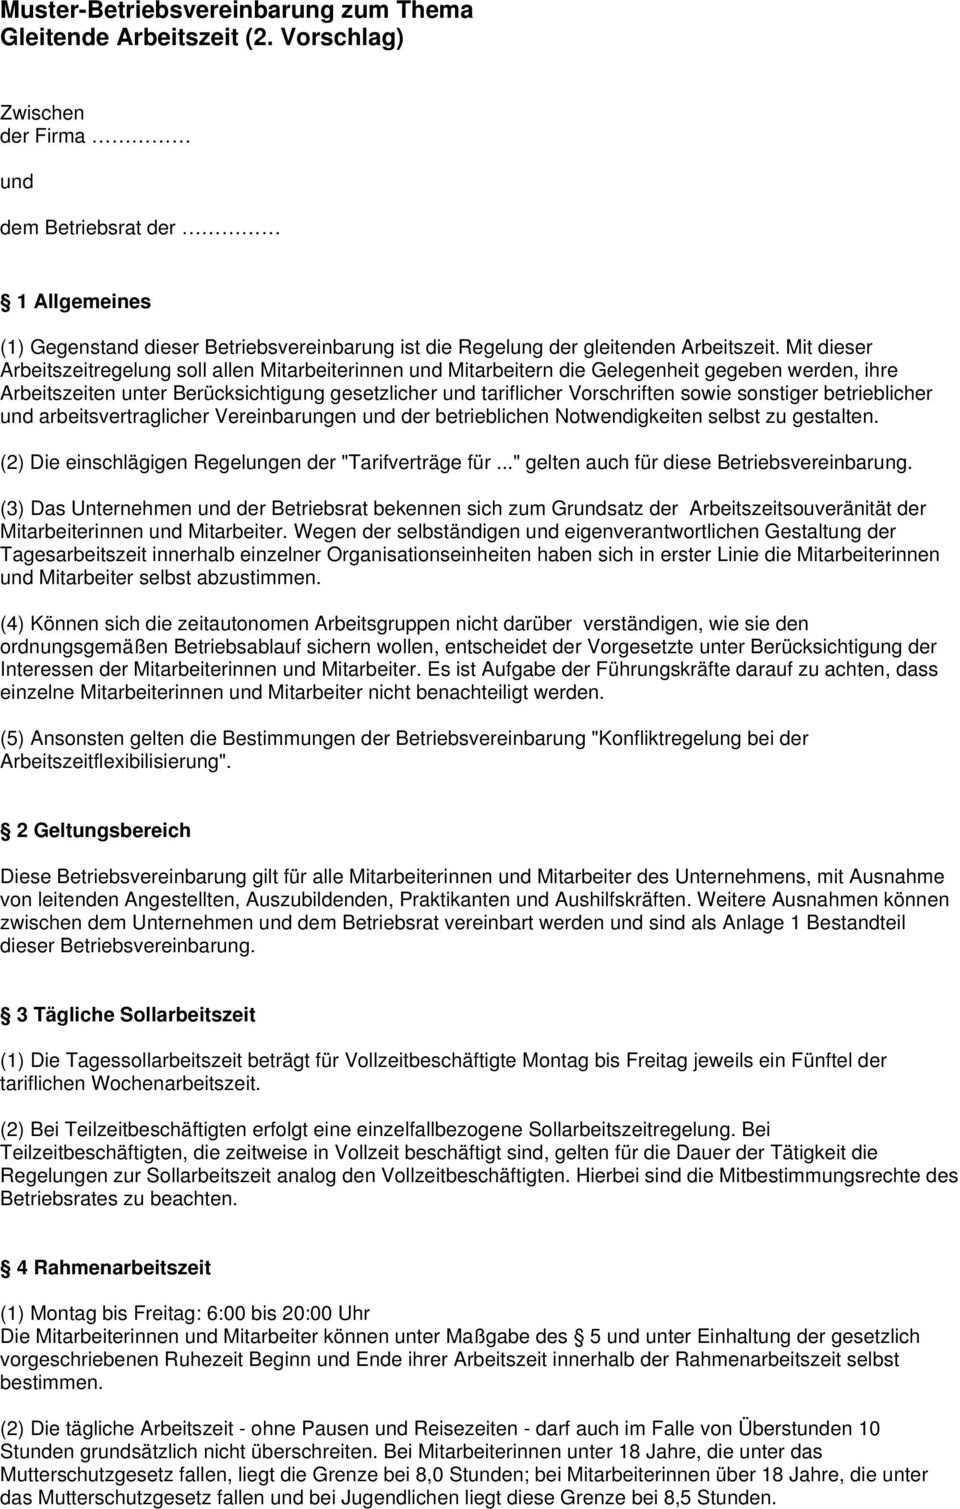 Muster Betriebsvereinbarung Zum Thema Gleitende Arbeitszeit 2 Vorschlag Pdf Free Download